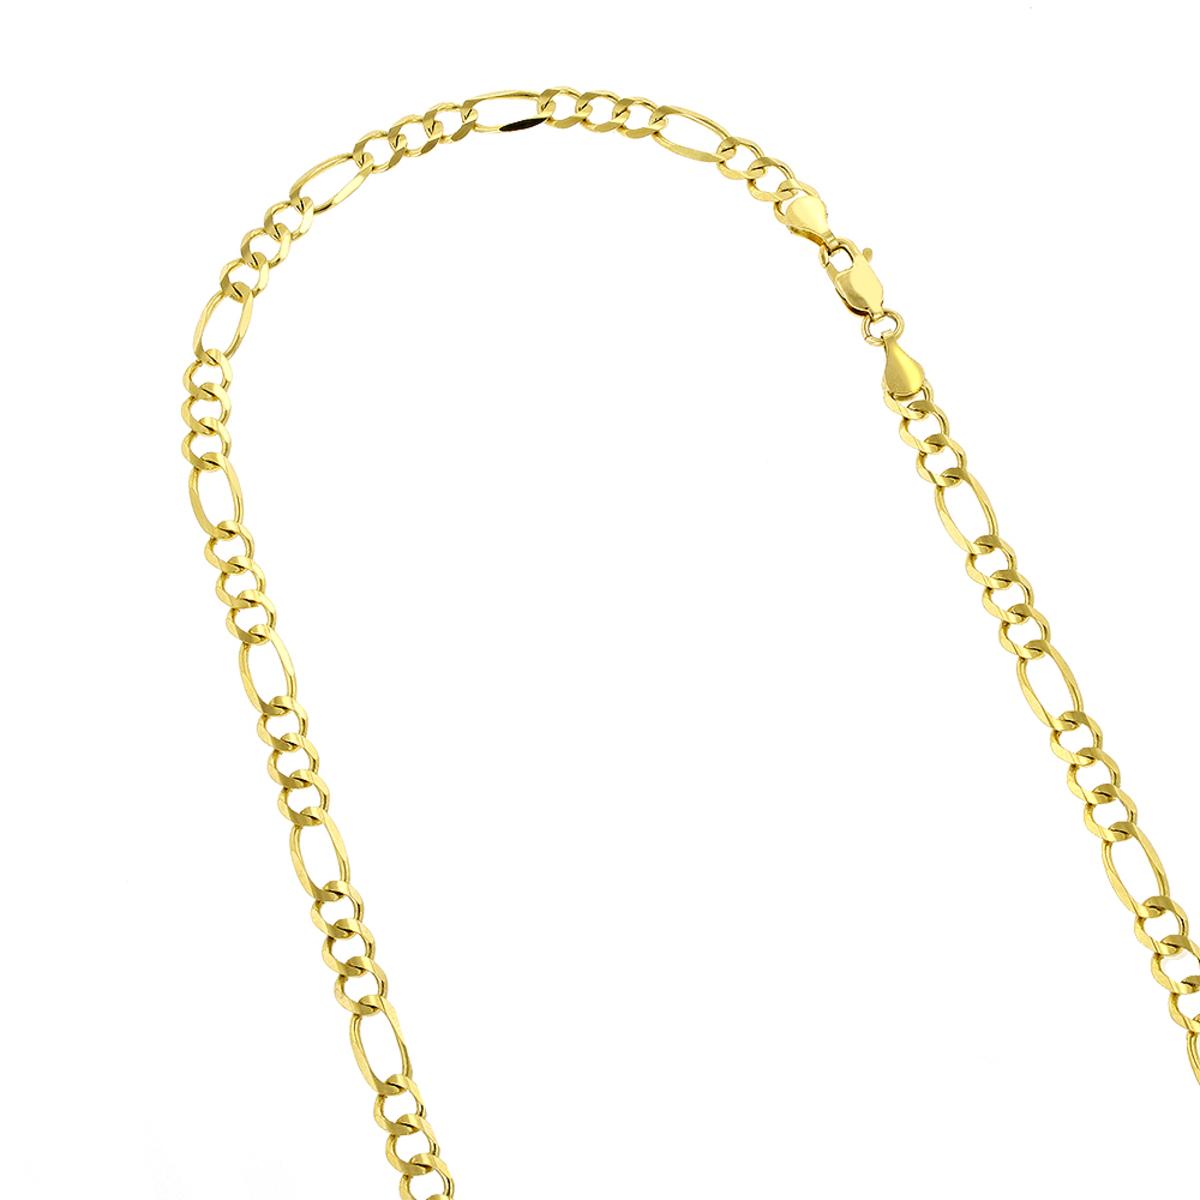 LUXURMAN Solid 10k Gold Figaro Chain For Men & Women 5mm Wide